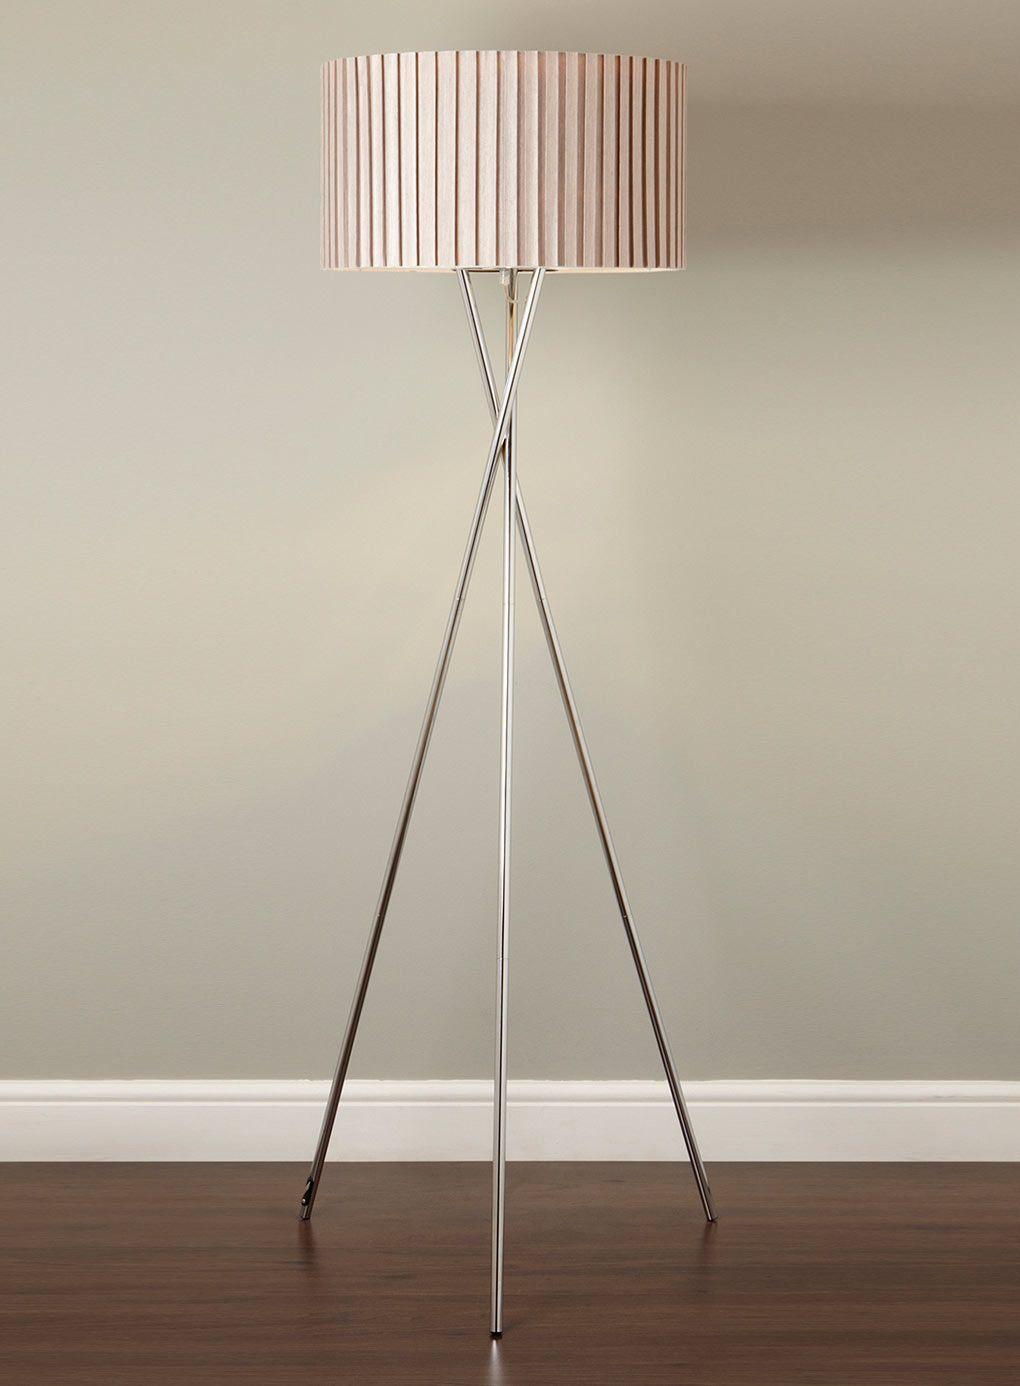 Weird love for lighting   Interiors   Pinterest   Interiors and Lights